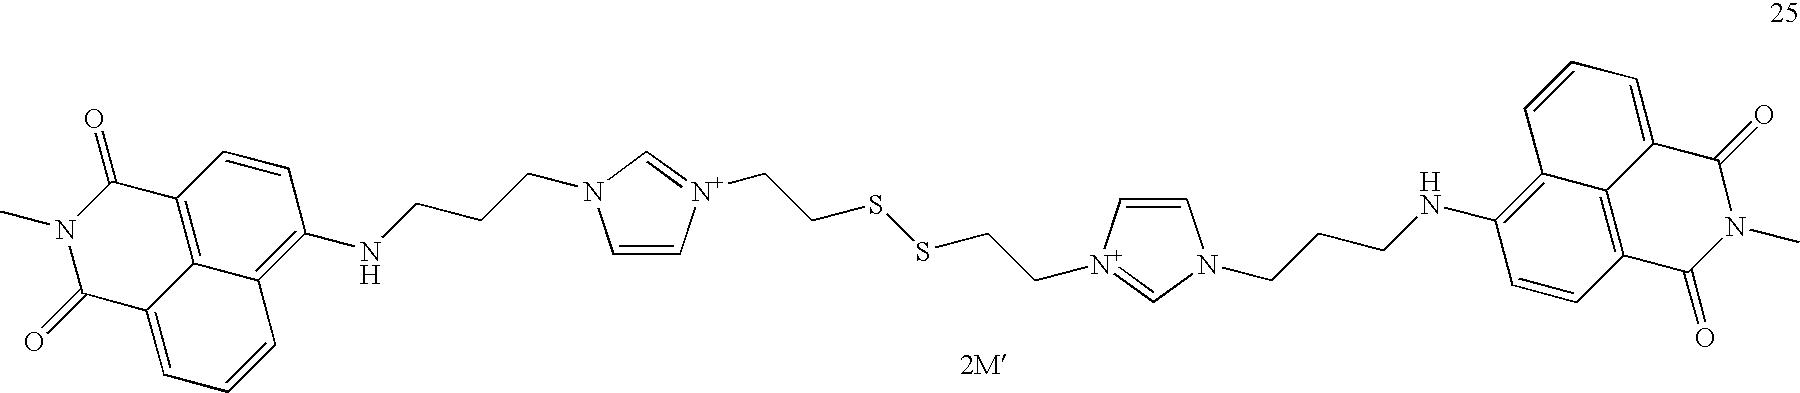 Figure US20090320216A1-20091231-C00009